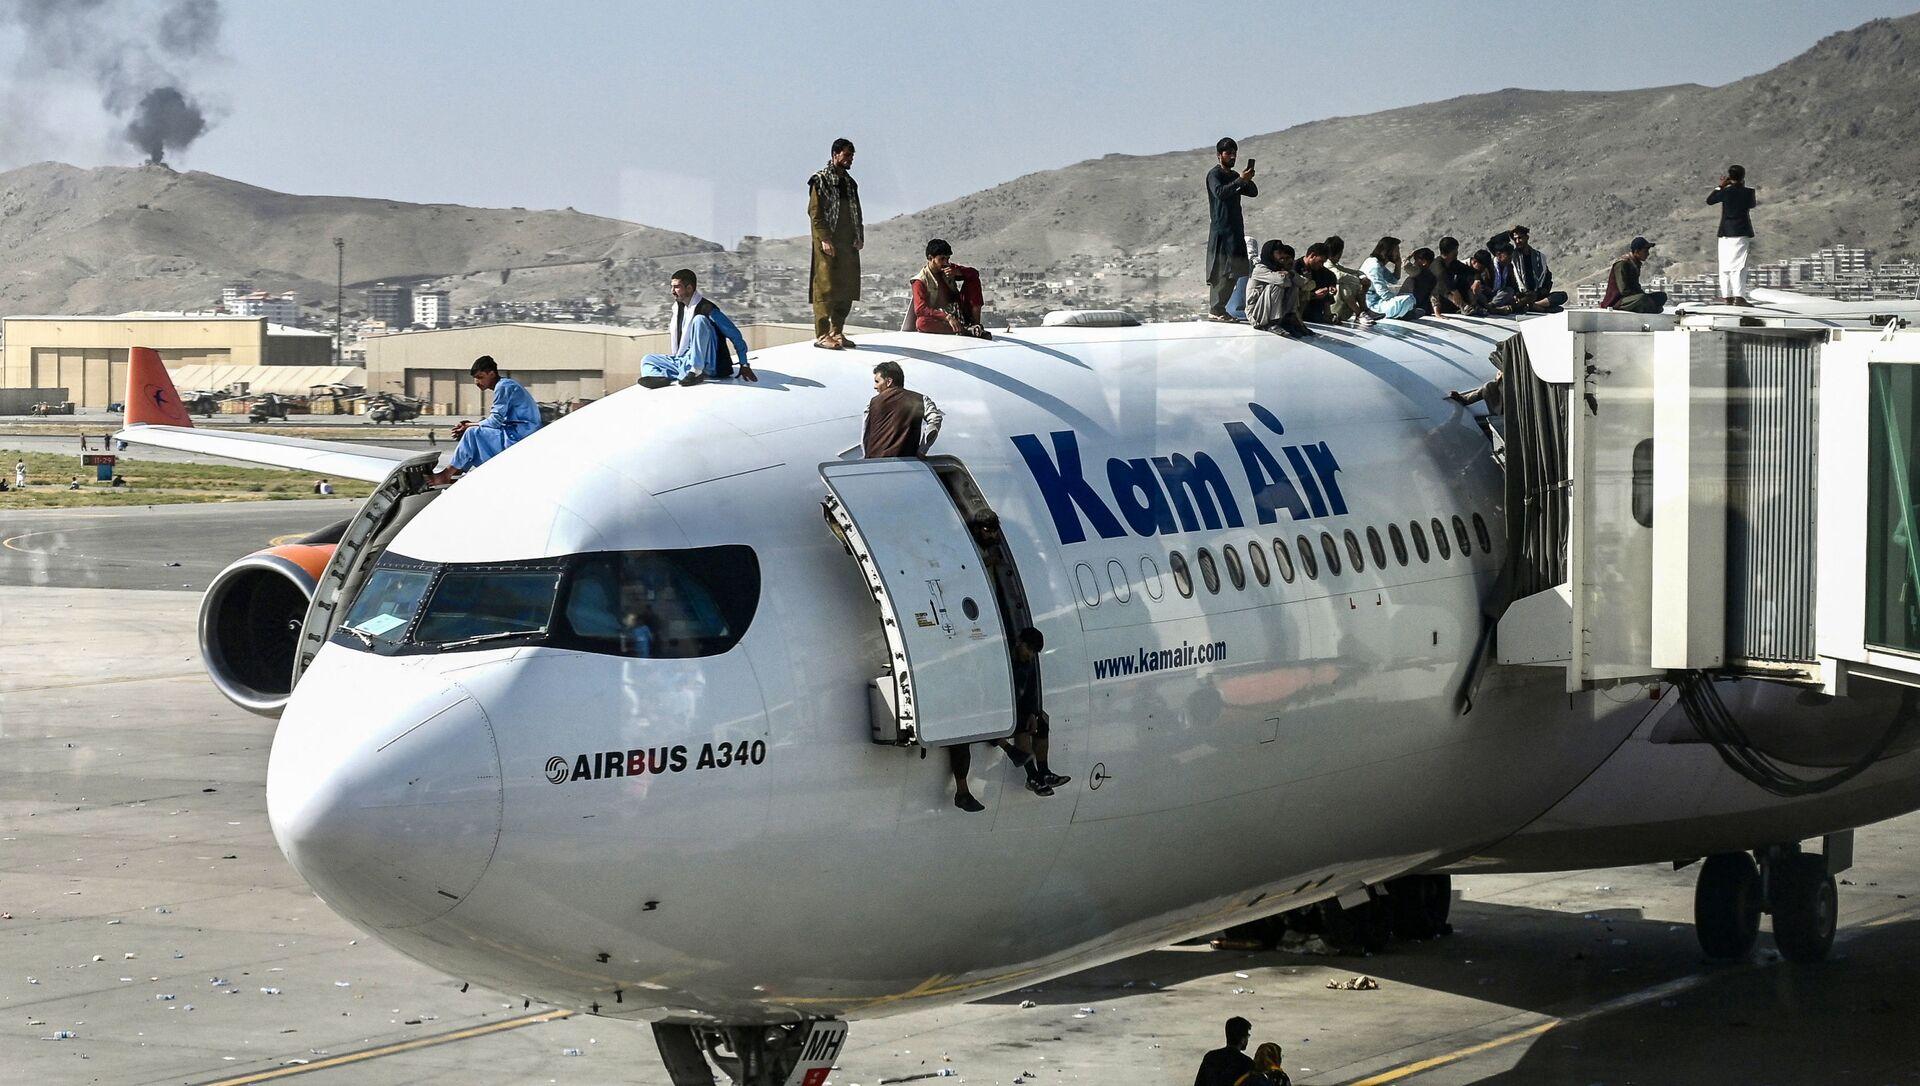 Des Afghans en attente d'évacuation à l'aéroport de Kaboul - Sputnik France, 1920, 10.09.2021